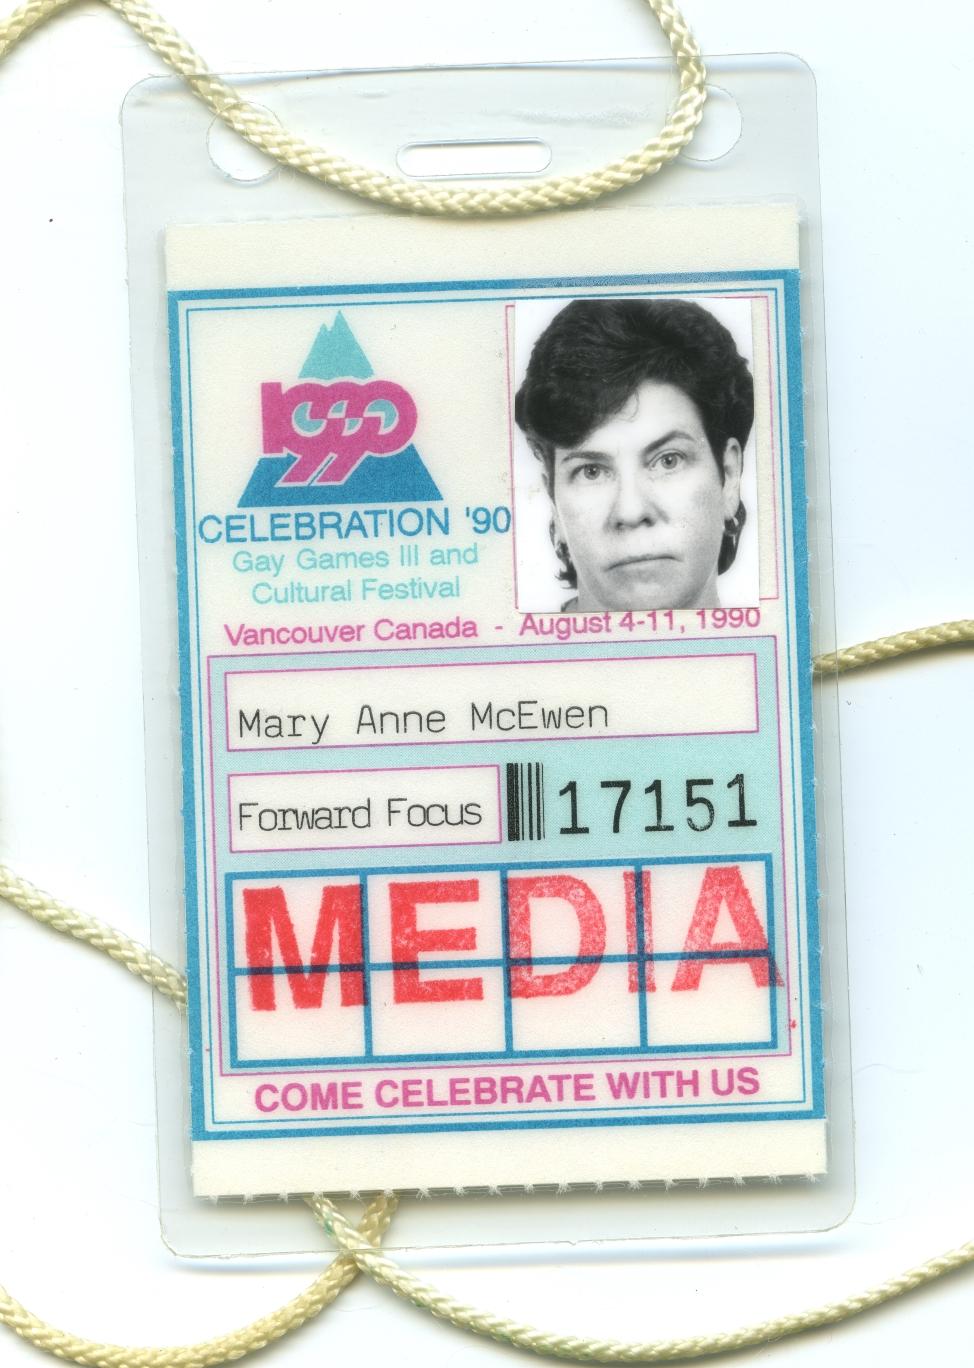 Mary Anne McEwen badge média célébration 90